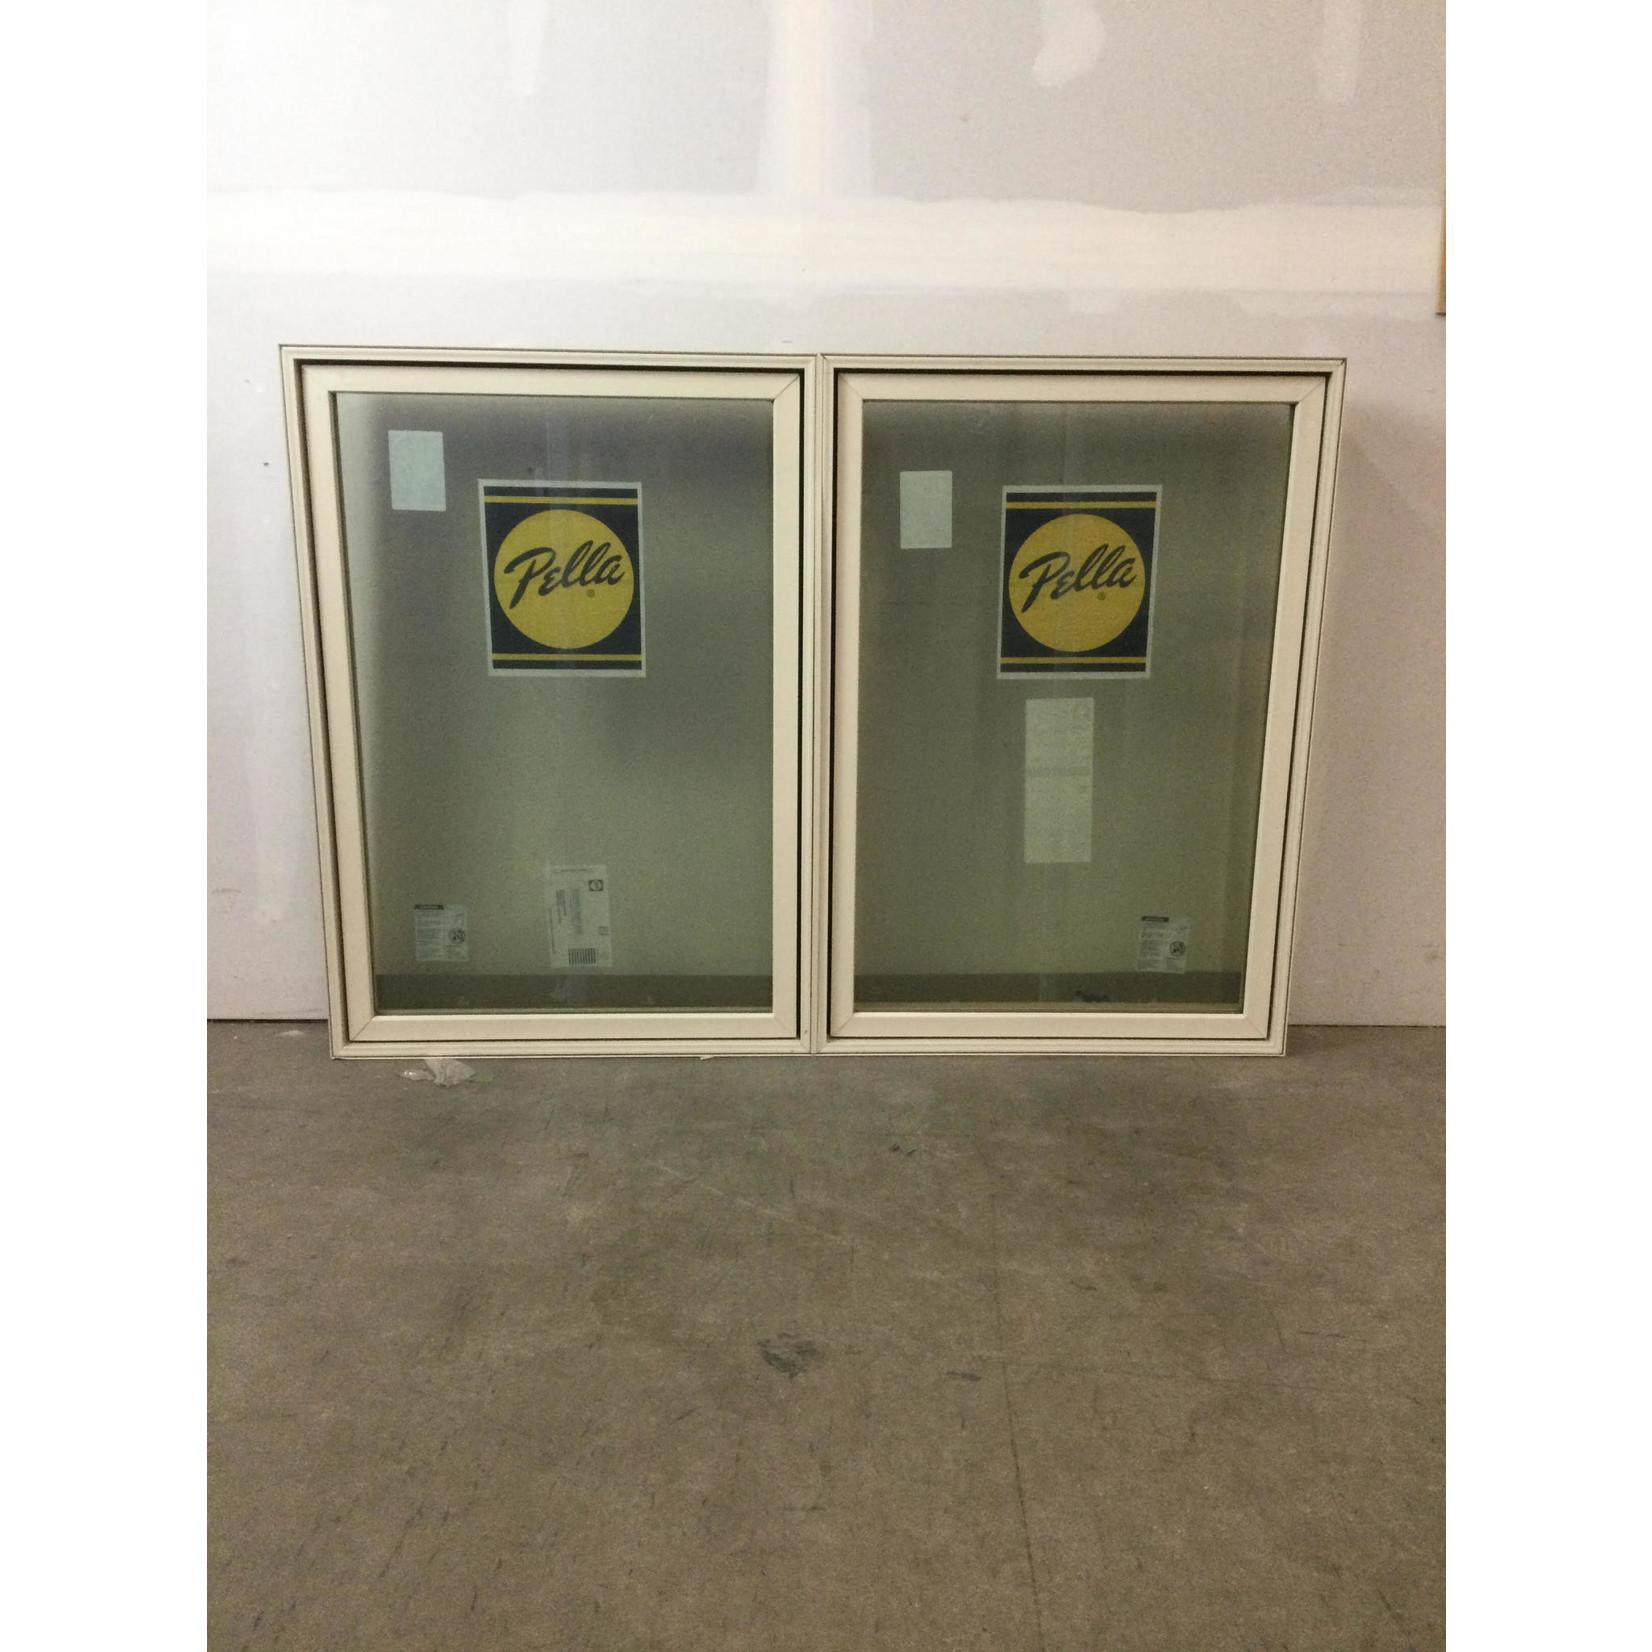 10577 Pella Double Casement Window